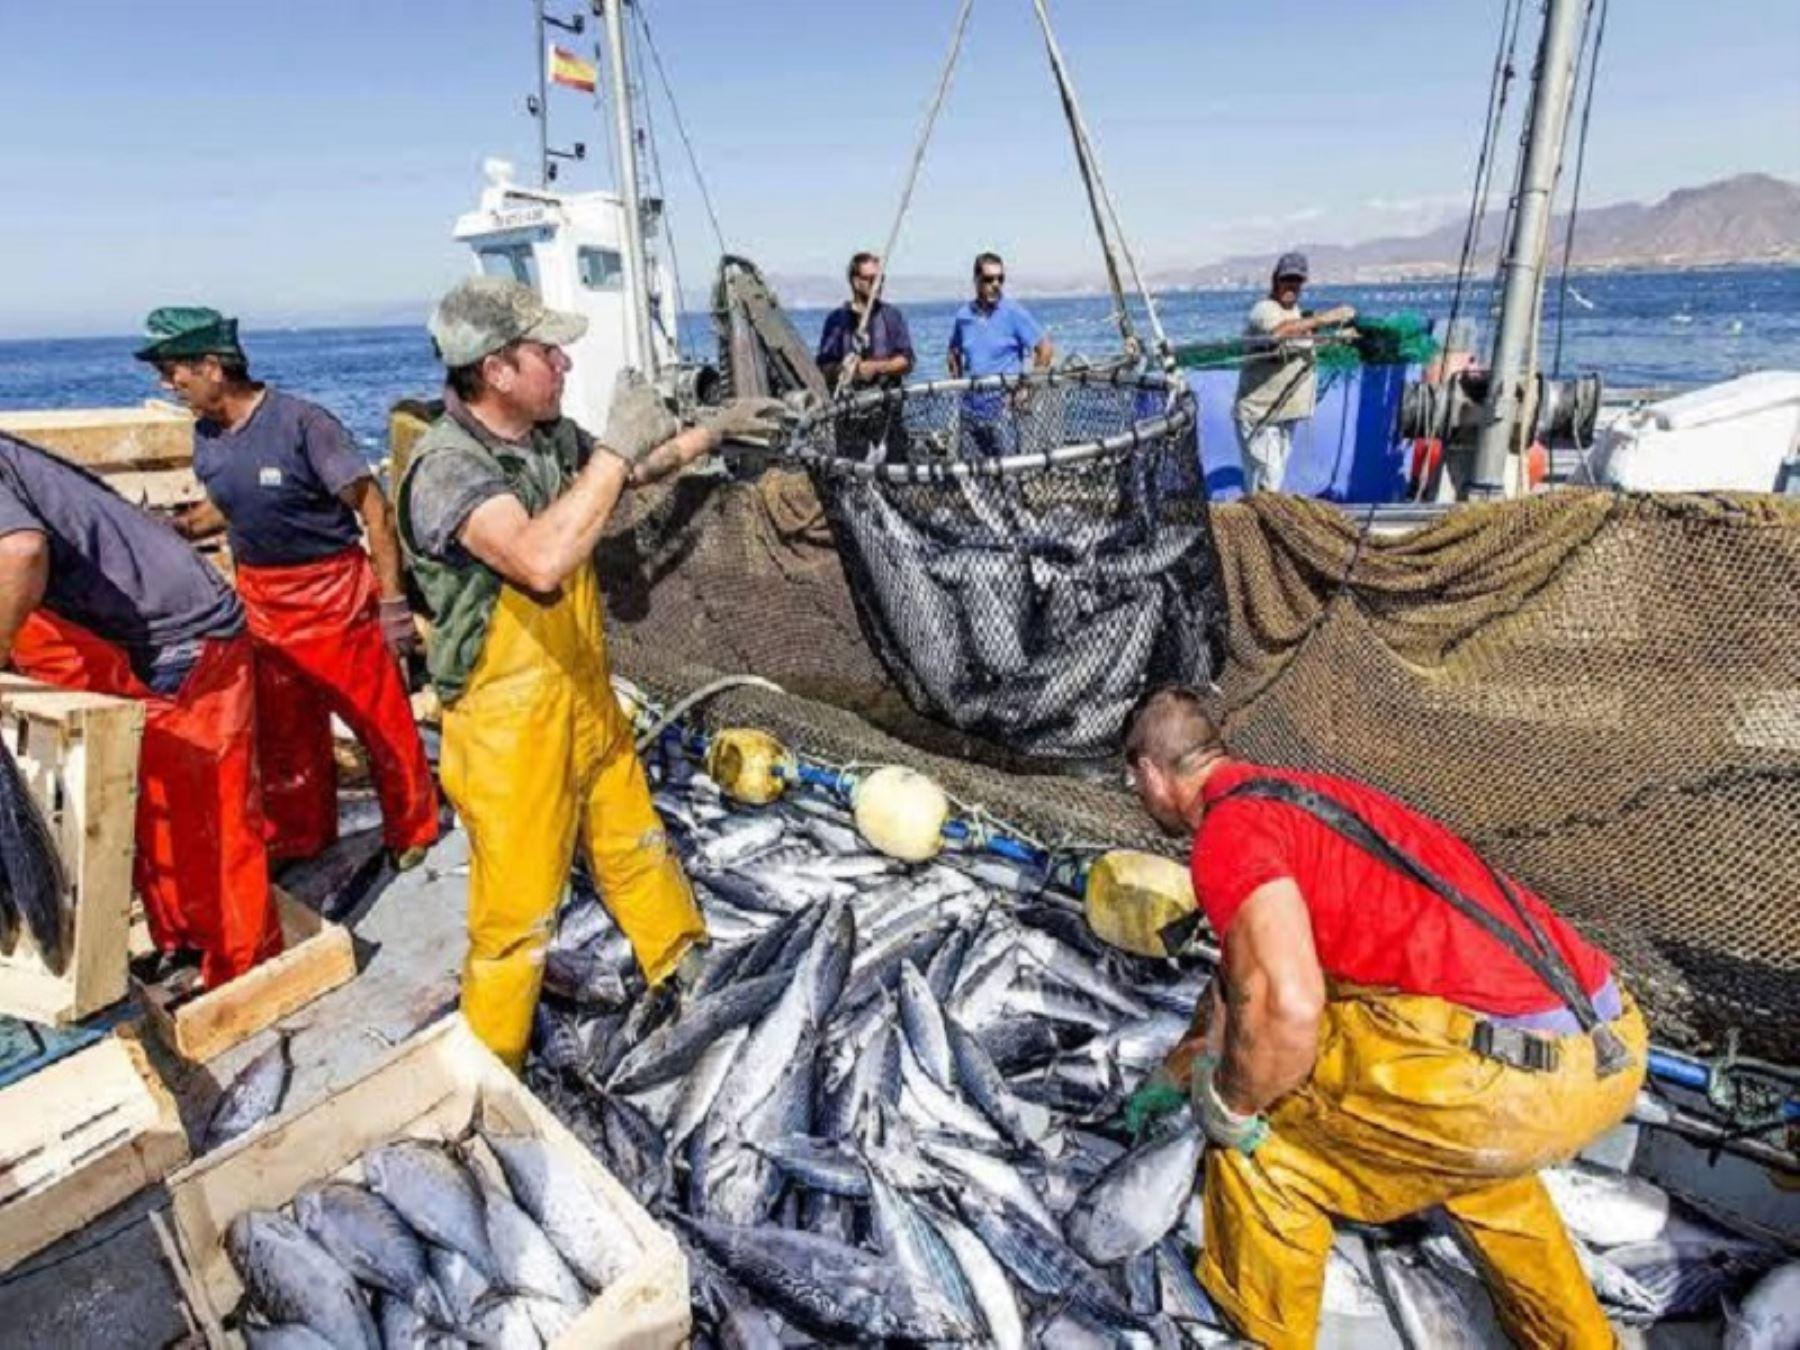 La pesca peruana ha sabido capear los temporales más difíciles, incluyendo la pandemia. ANDINA/Difusión